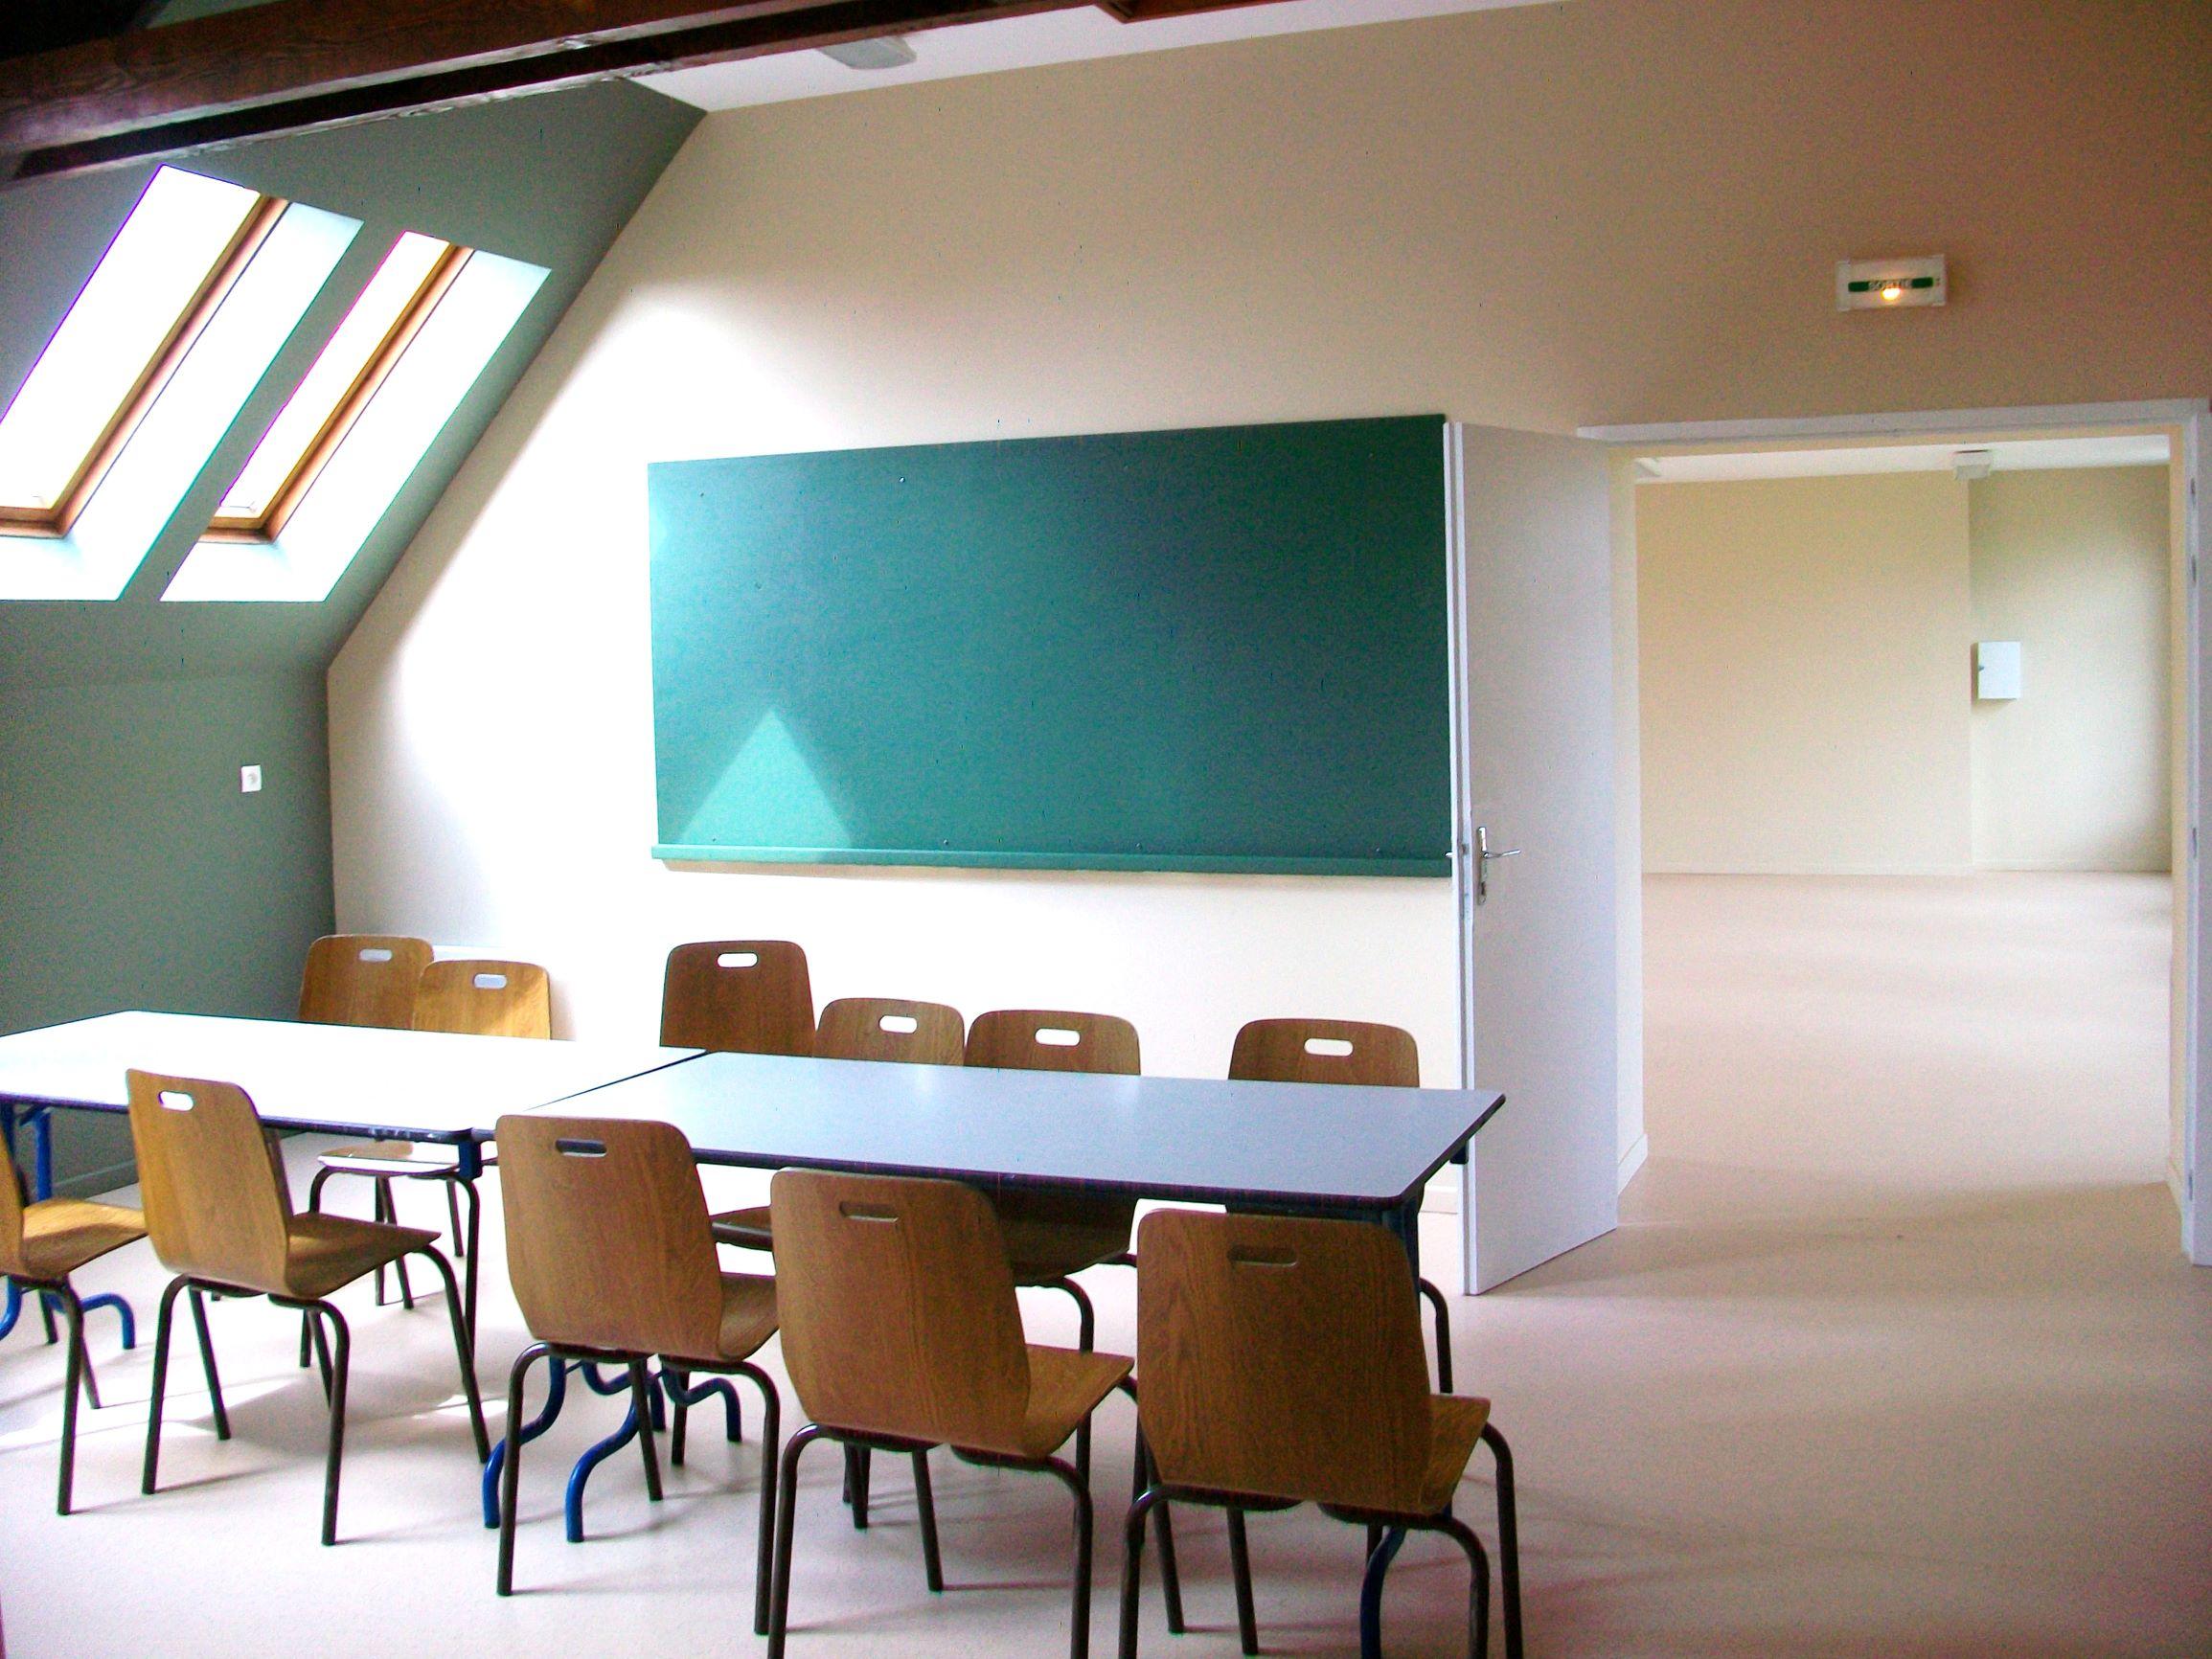 Salle_Haut_2.JPG